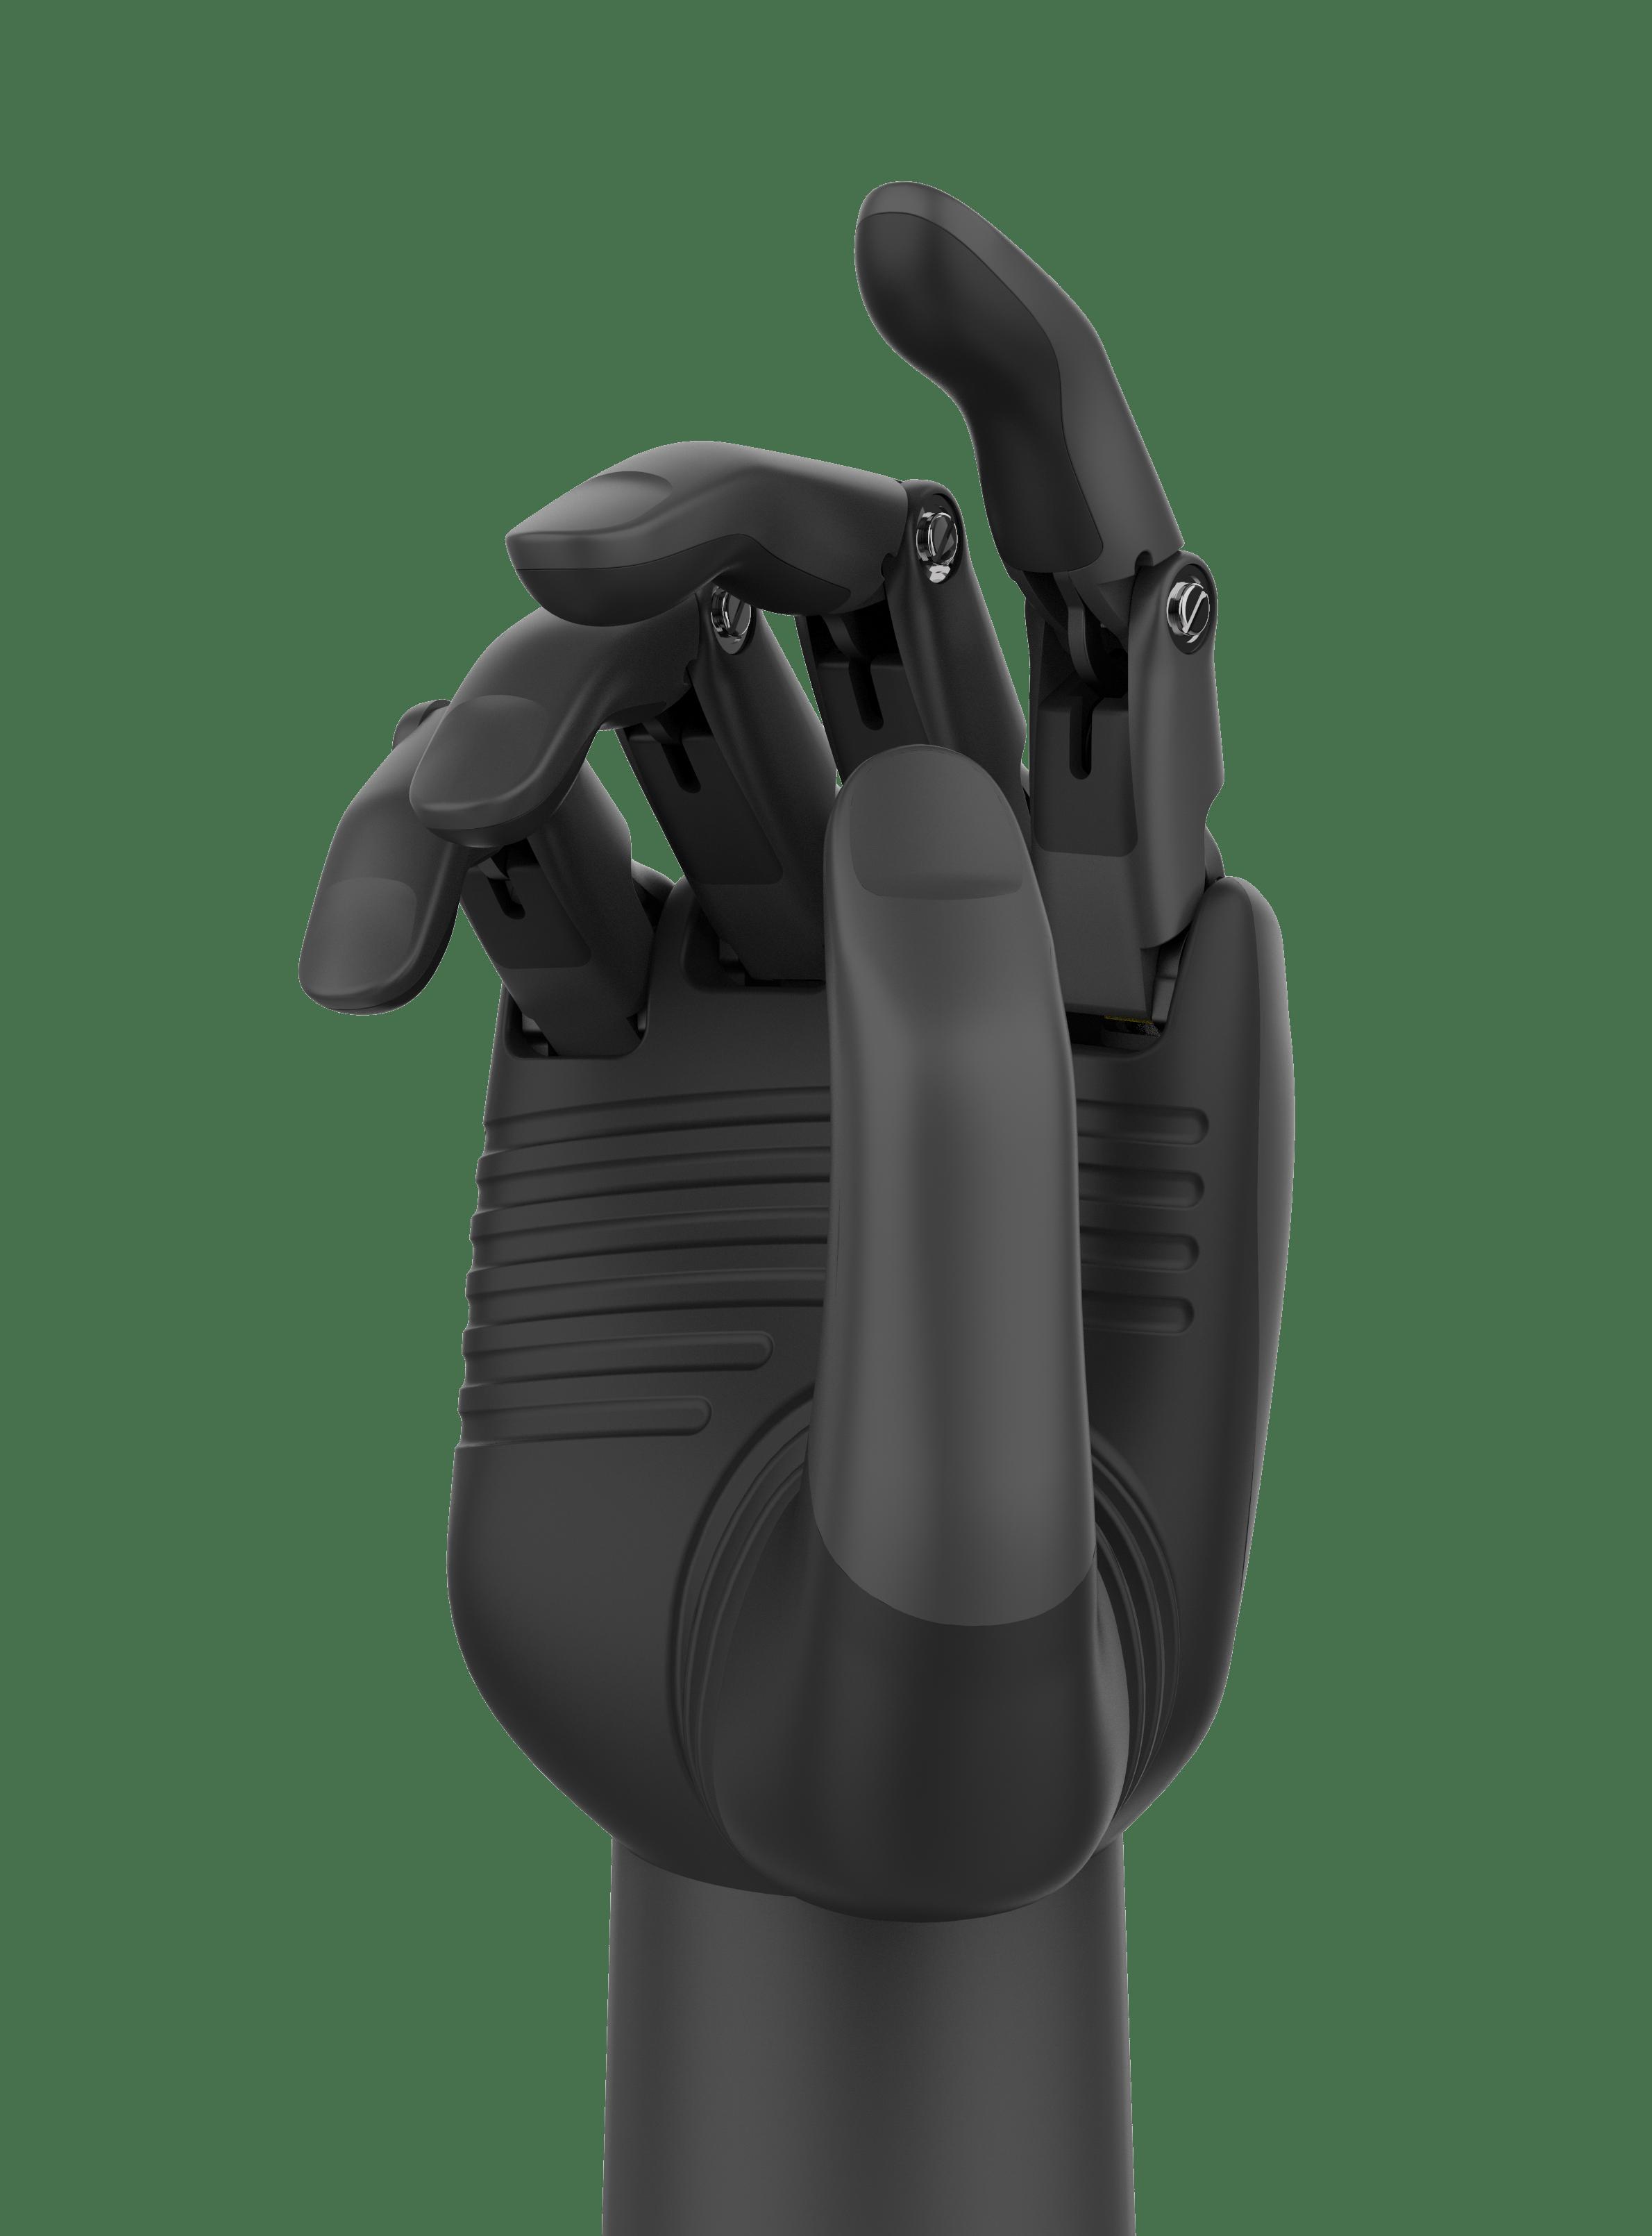 BrainCo Dexus Prosthetic Hand unlimited gestures